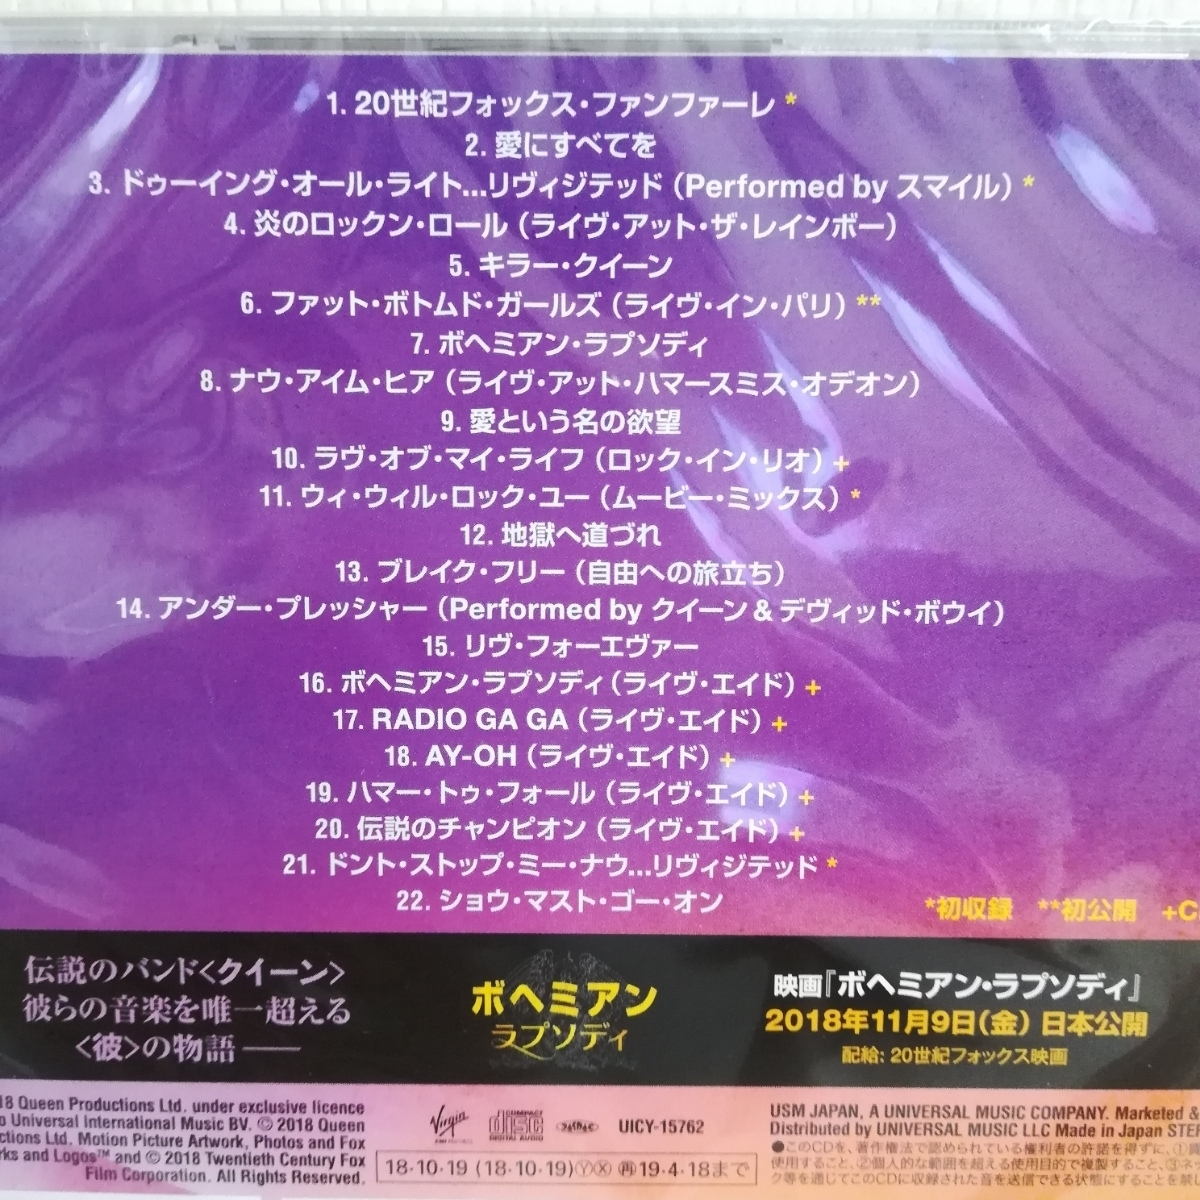 QUEEN ボヘミアン・ラプソディ (オリジナル・サウンドトラック) [SHM-CD] クイーン 日本盤 国内盤 UICY-15762 映画 サントラ_画像3